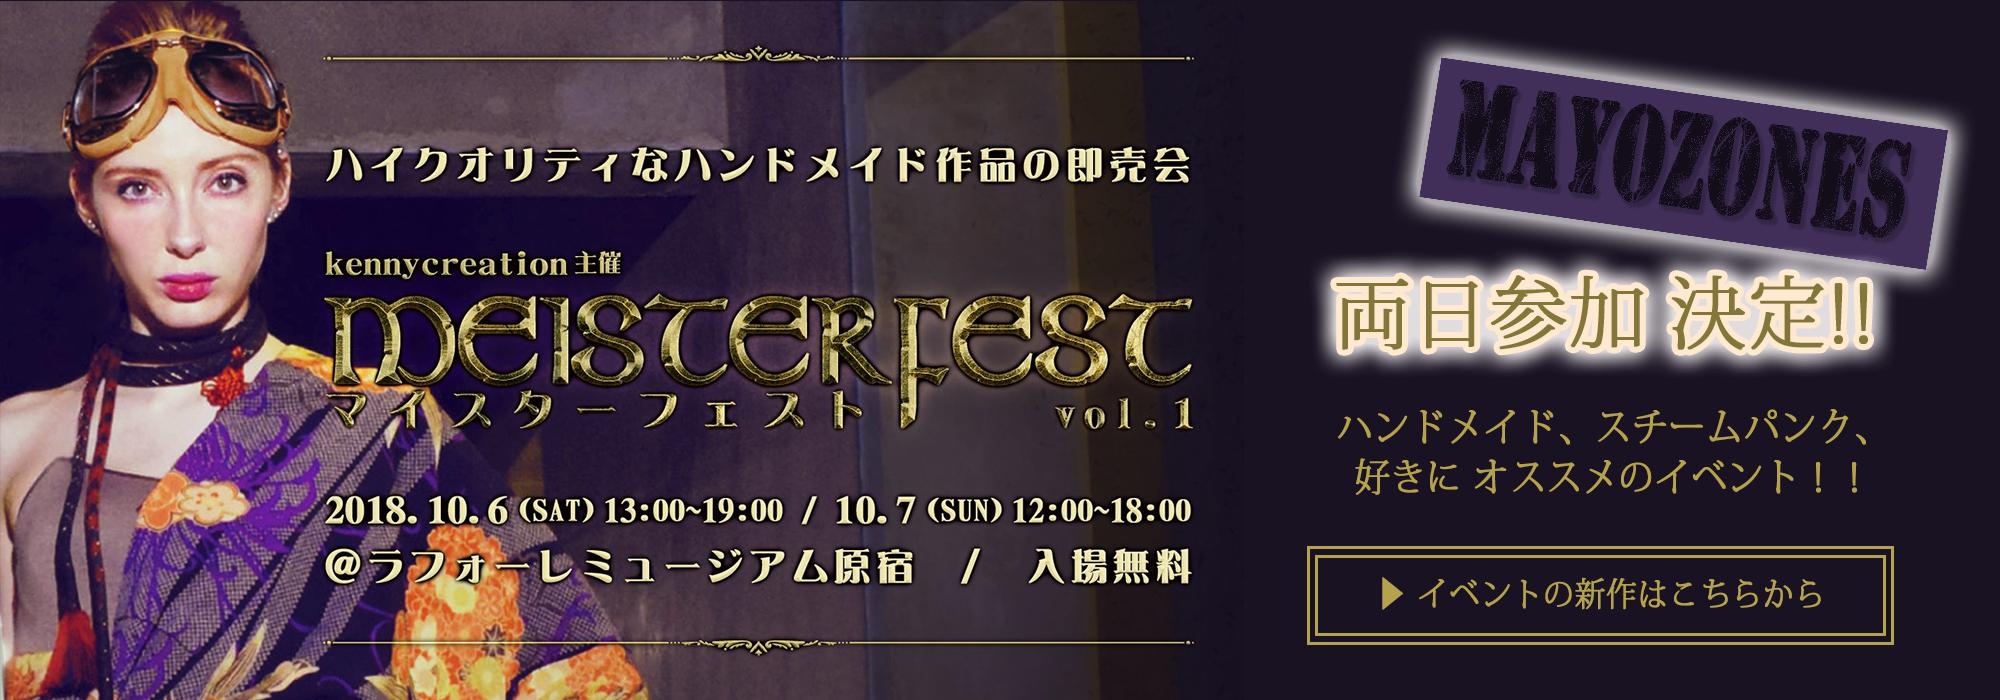 【出店情報】10/6、7 ハンドメイド物販イベントマイスターフェストに出店が決定しました!